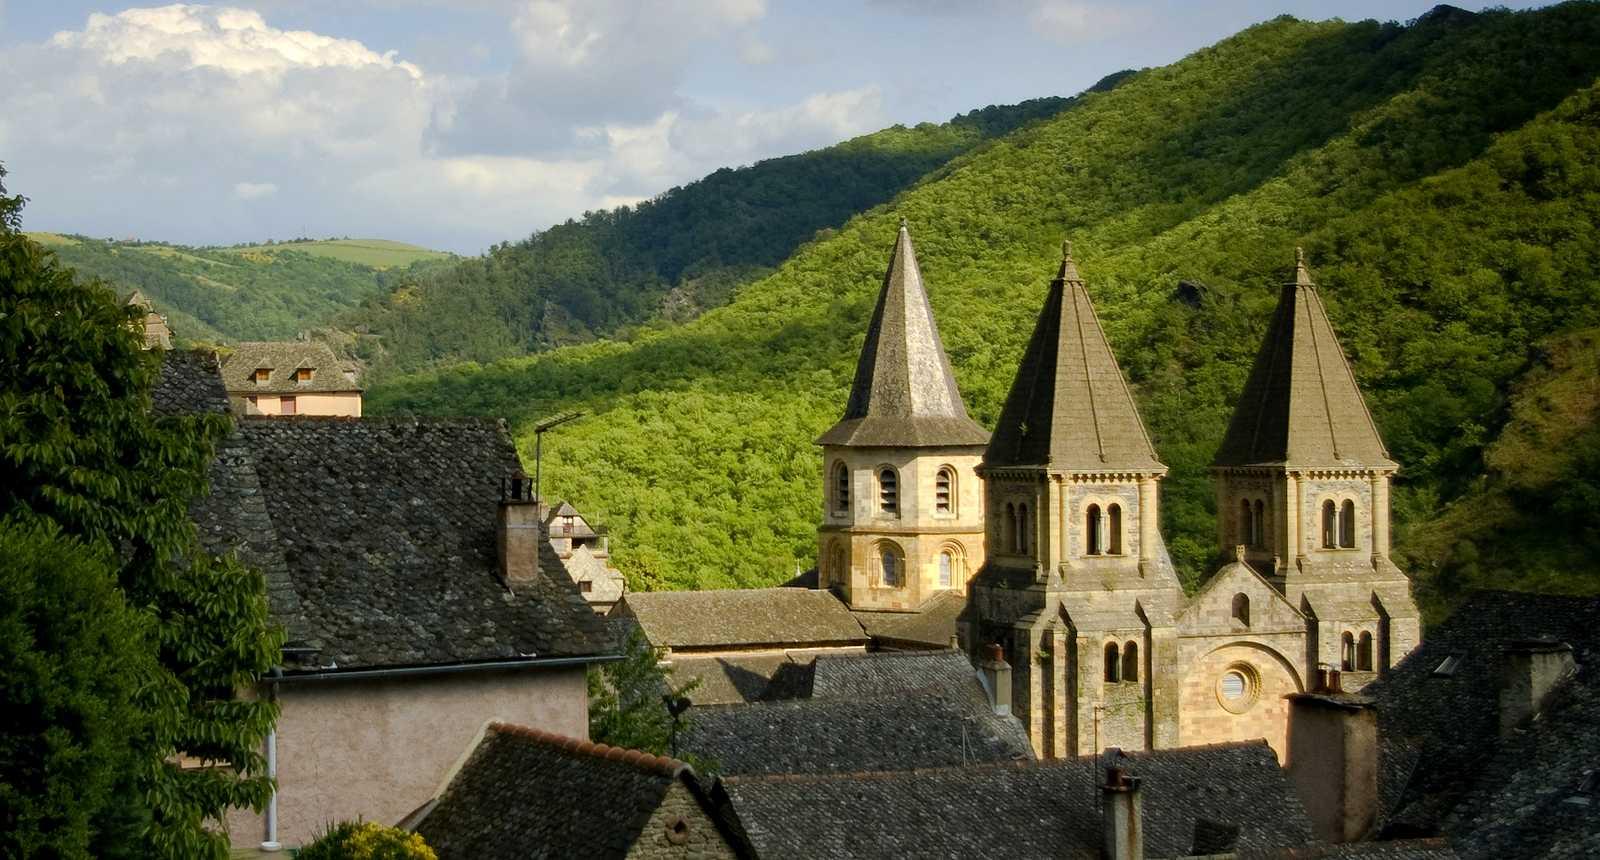 Vue sur les toits de Conques et son abbaye